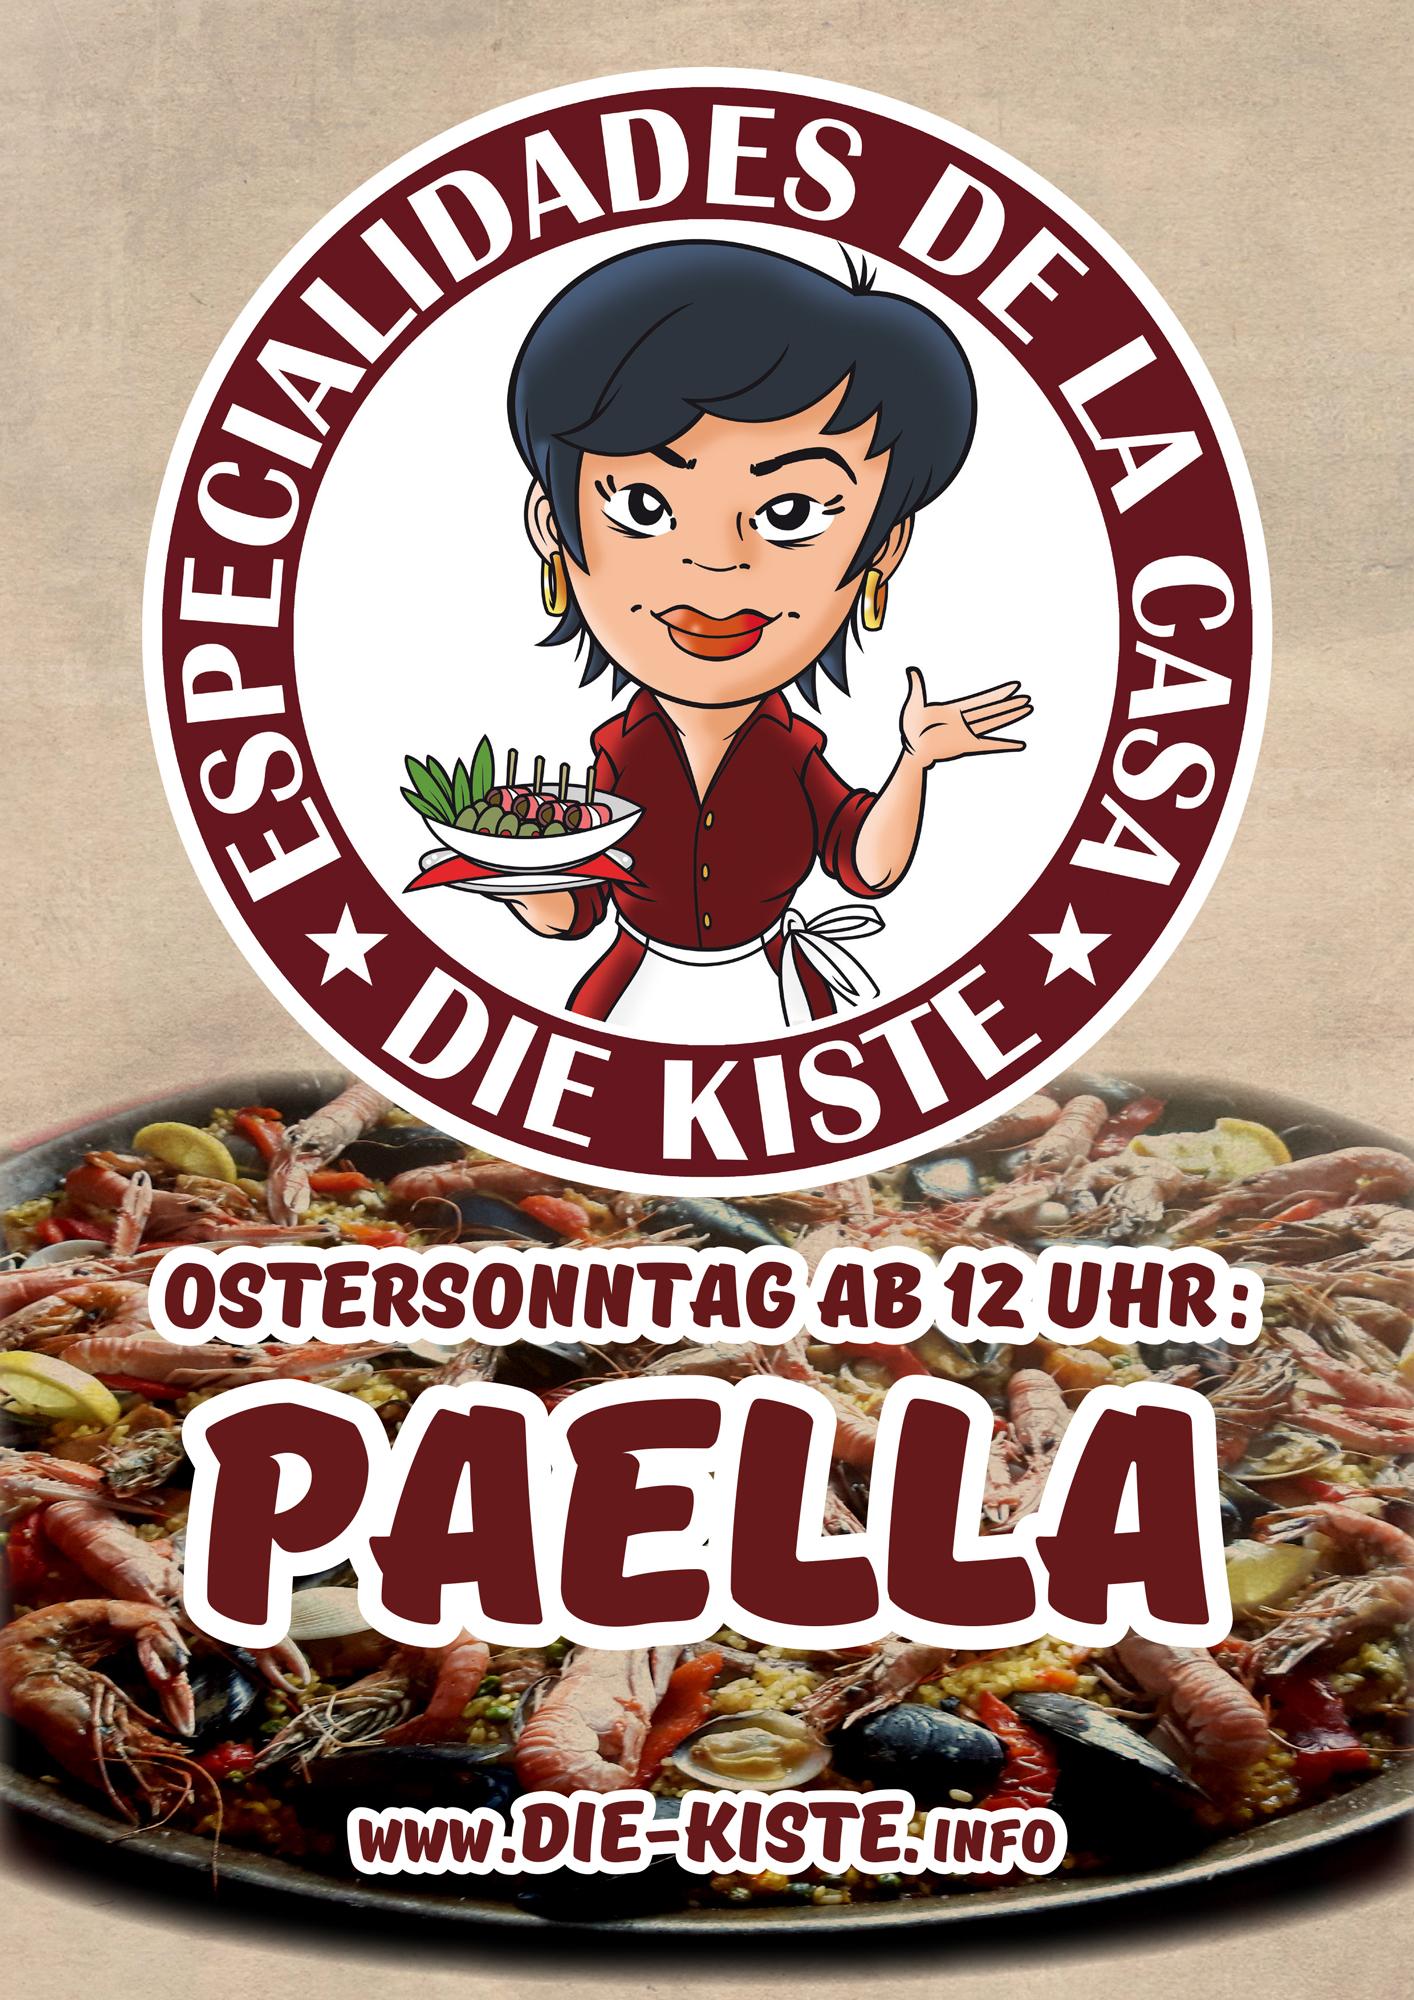 Paella - hausgemachte, spanische Spezialitäten - Tapas- und Cocktailbar DIE KISTE in Cuxhaven